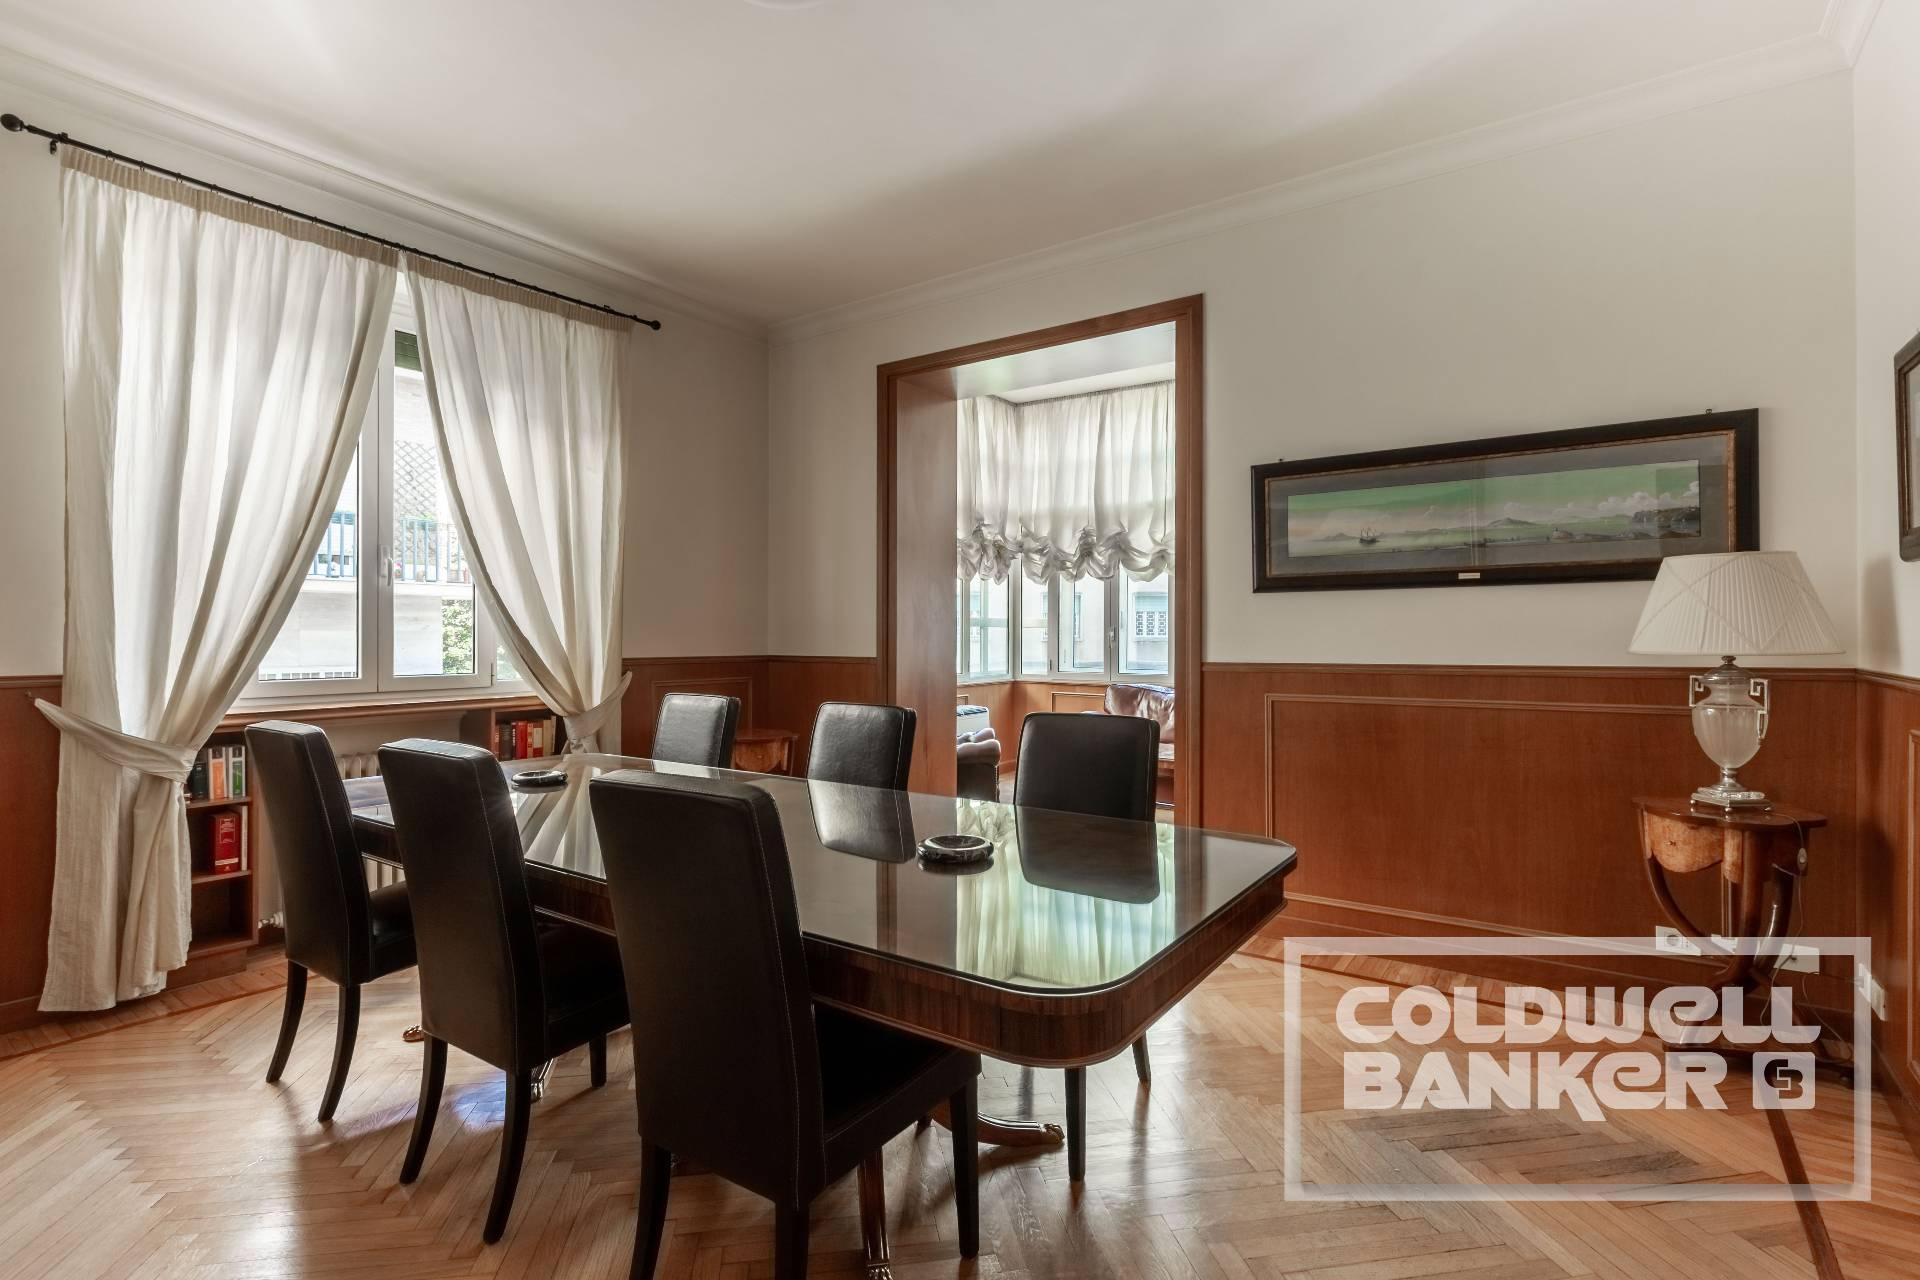 Appartamento in vendita a Roma, 10 locali, zona Zona: 2 . Flaminio, Parioli, Pinciano, Villa Borghese, prezzo € 1.350.000 | CambioCasa.it